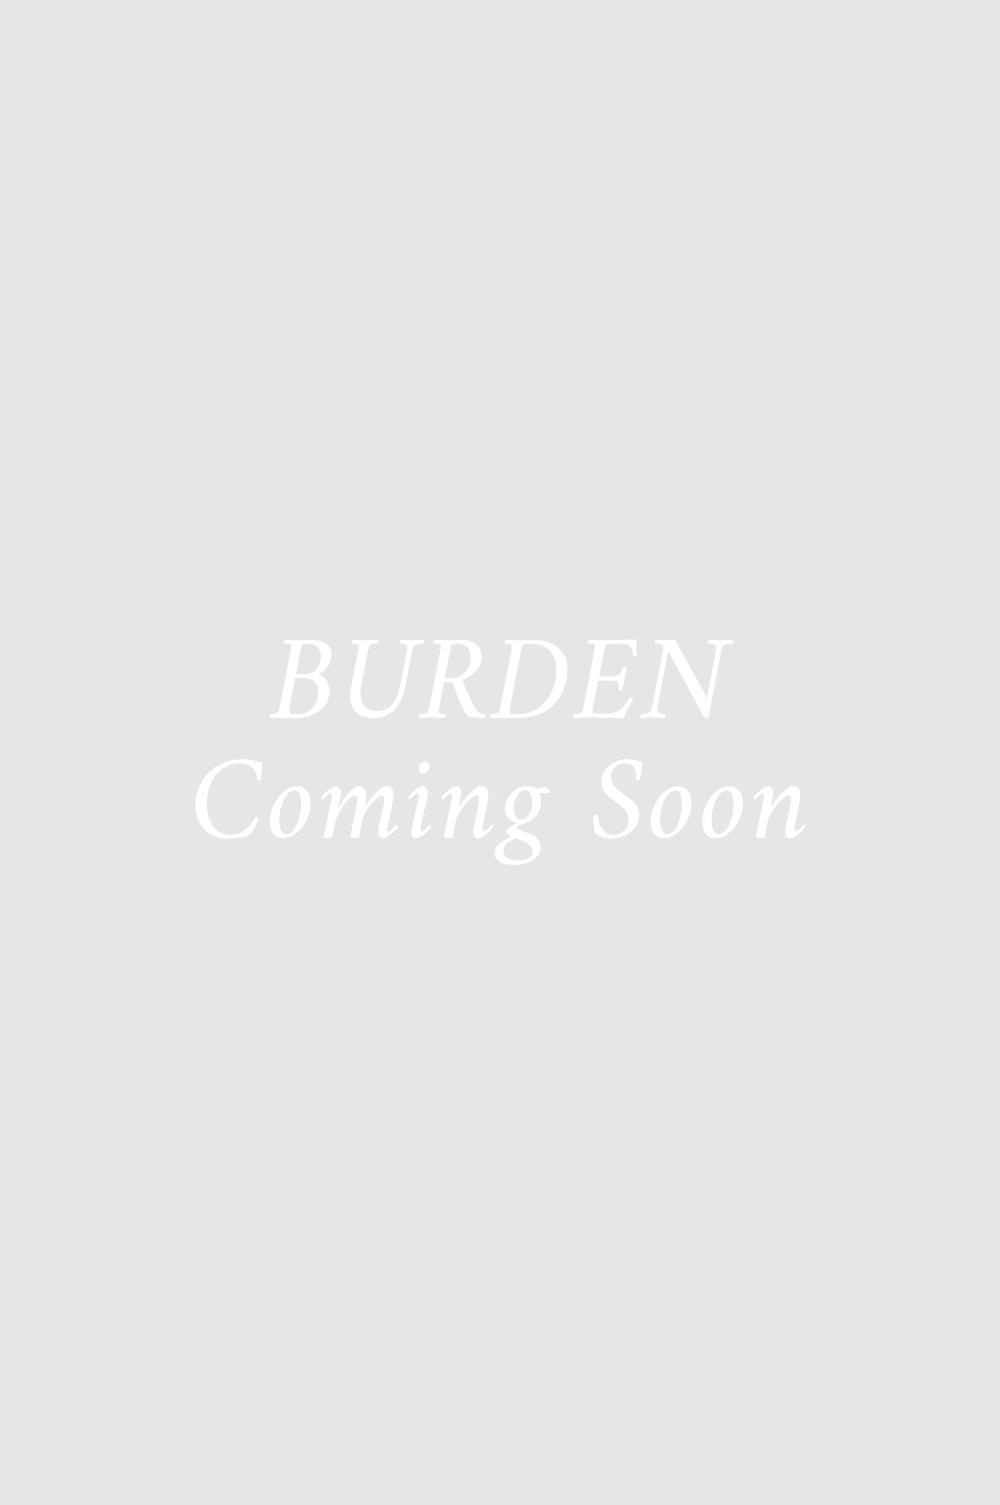 Burden Coming Soon